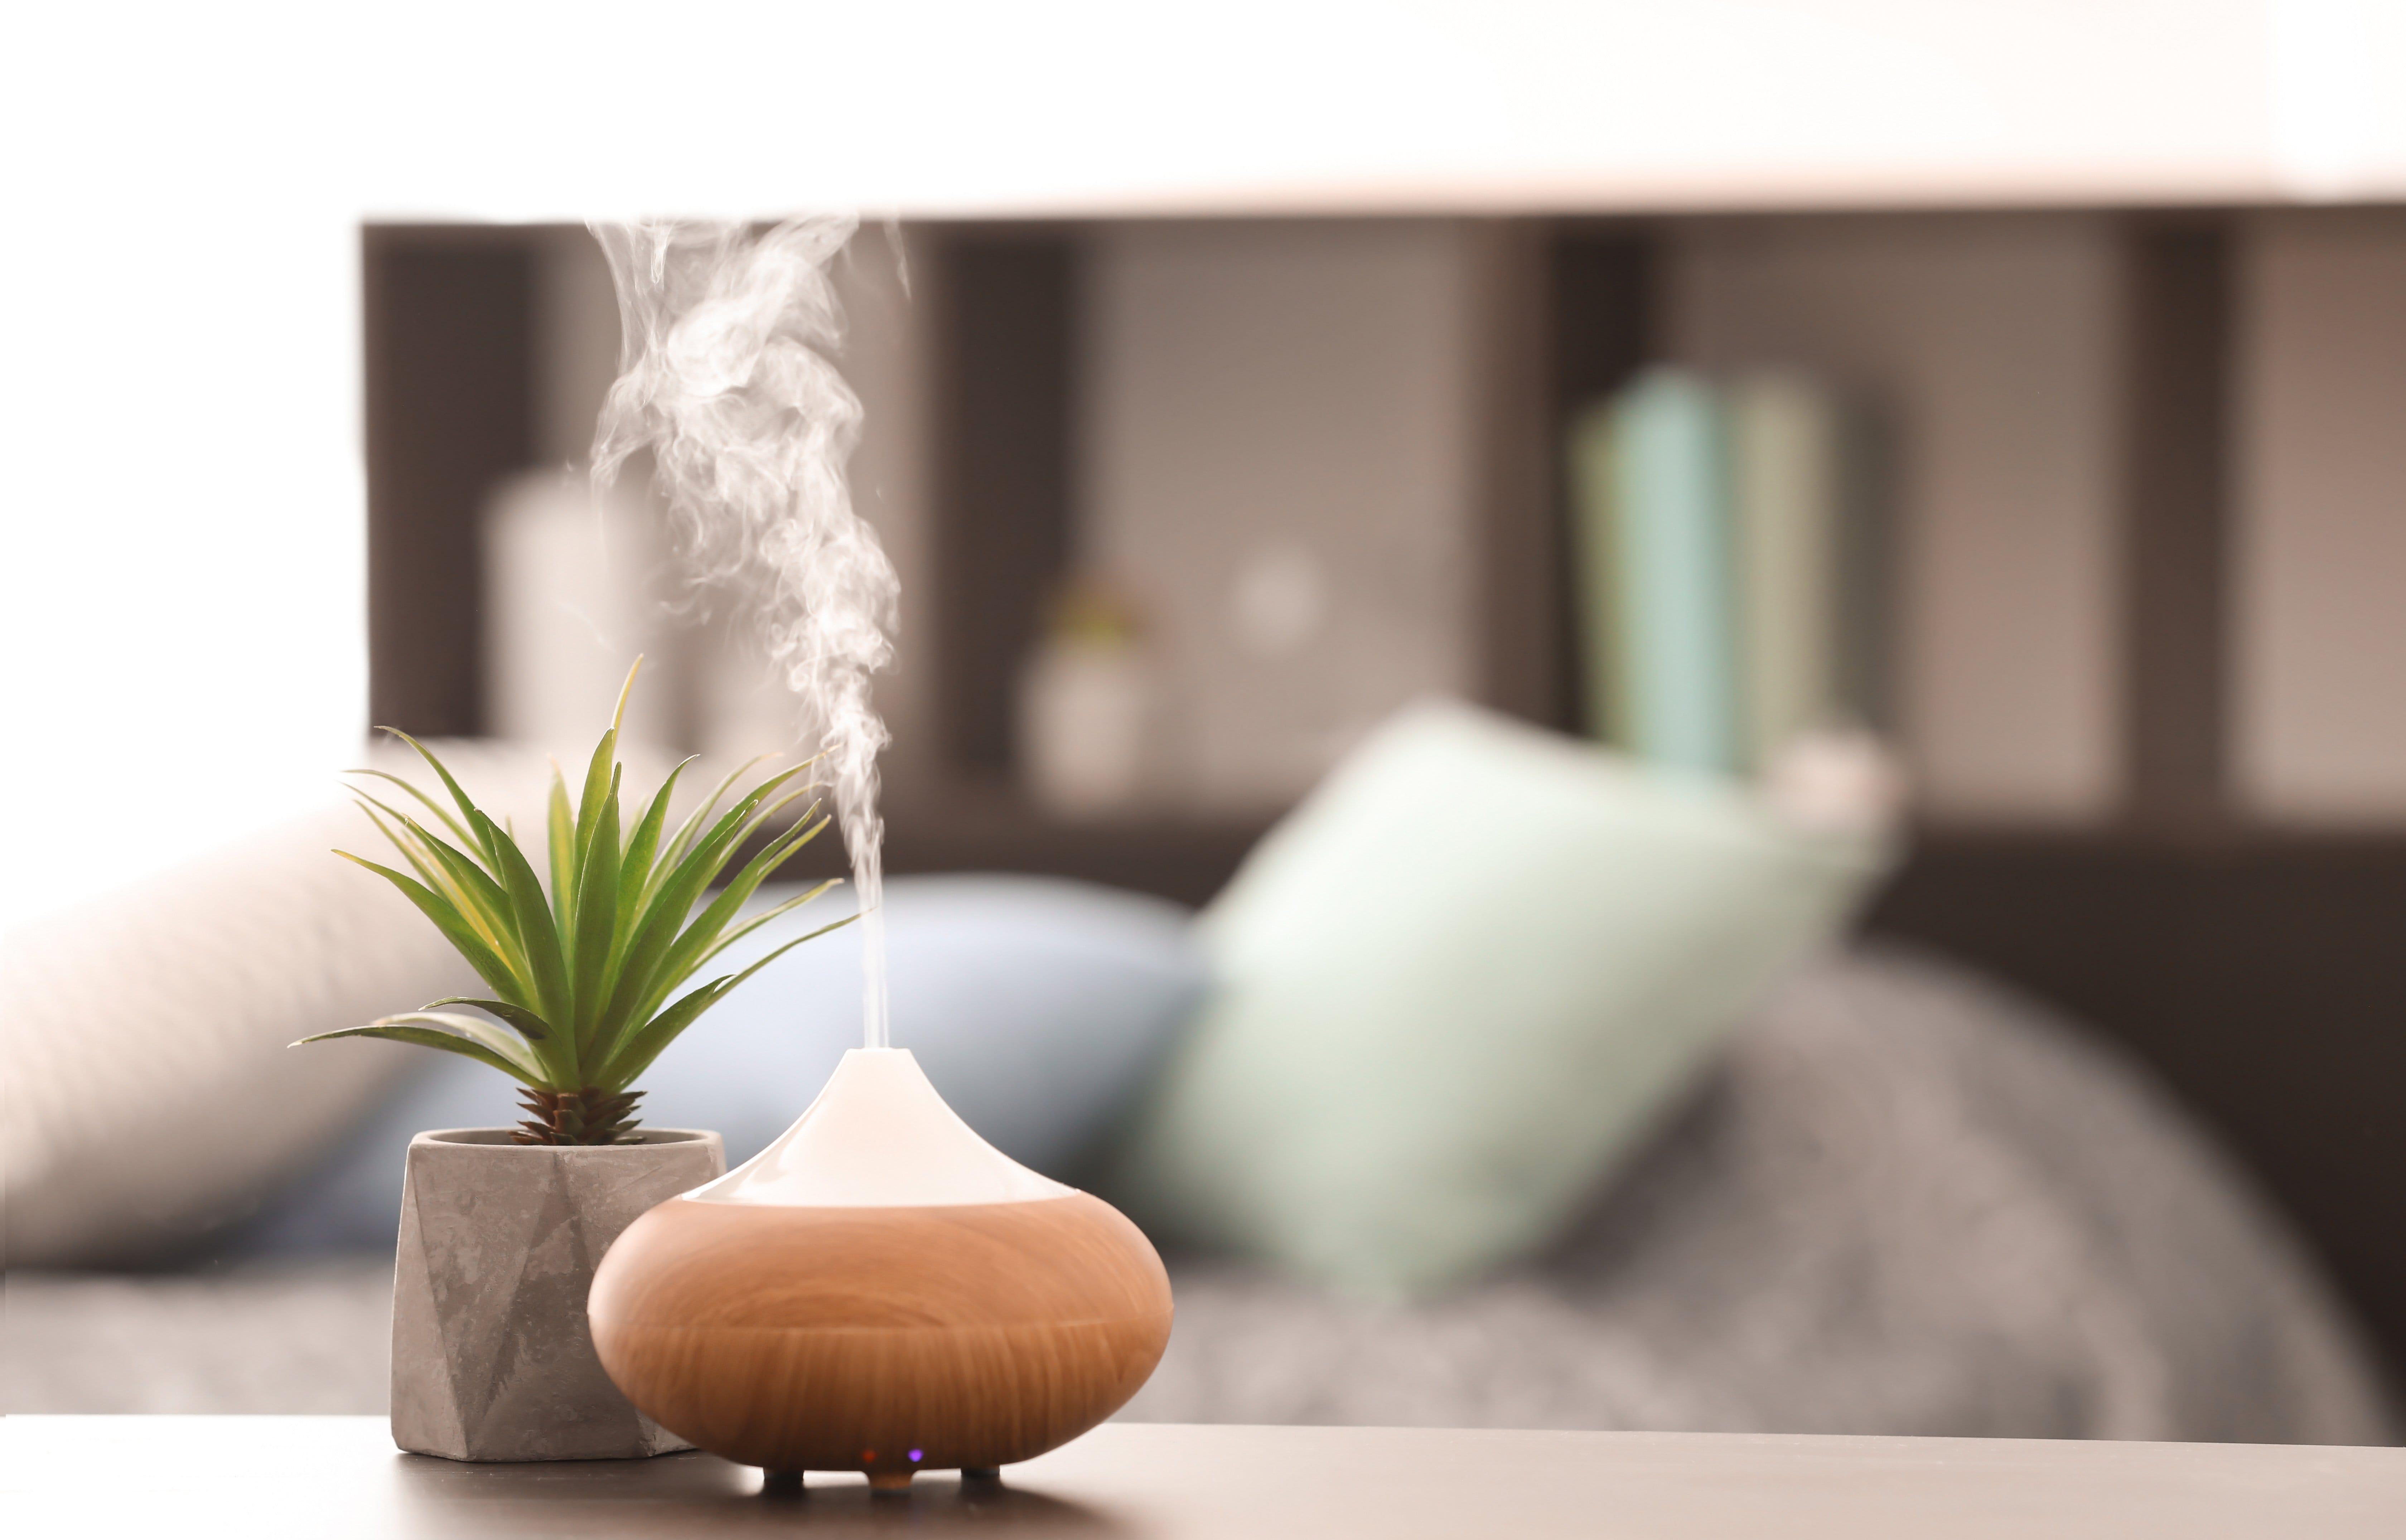 Luftfeuchtigkeit in Räumen regulieren: Tipps für die optimale